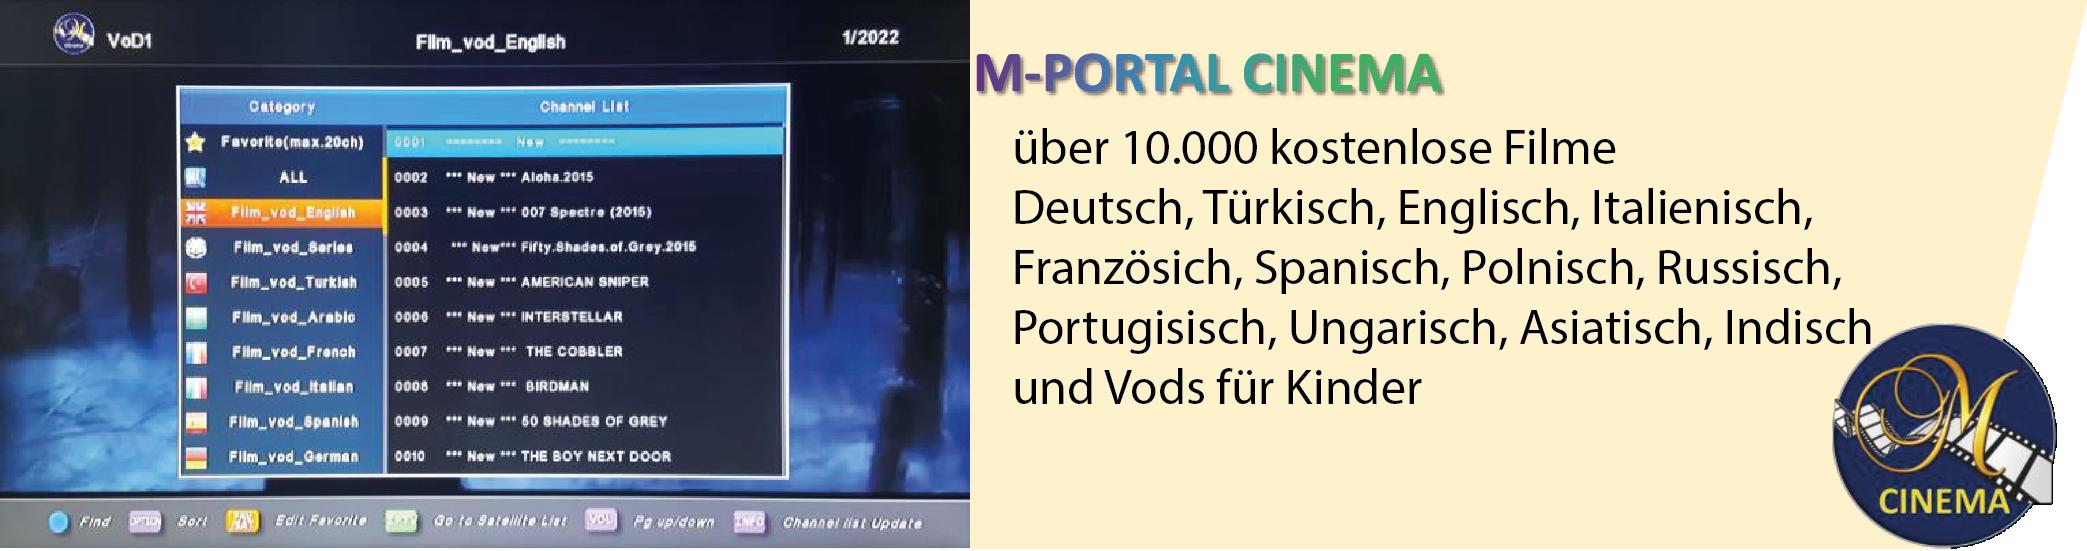 cinema mit medialink